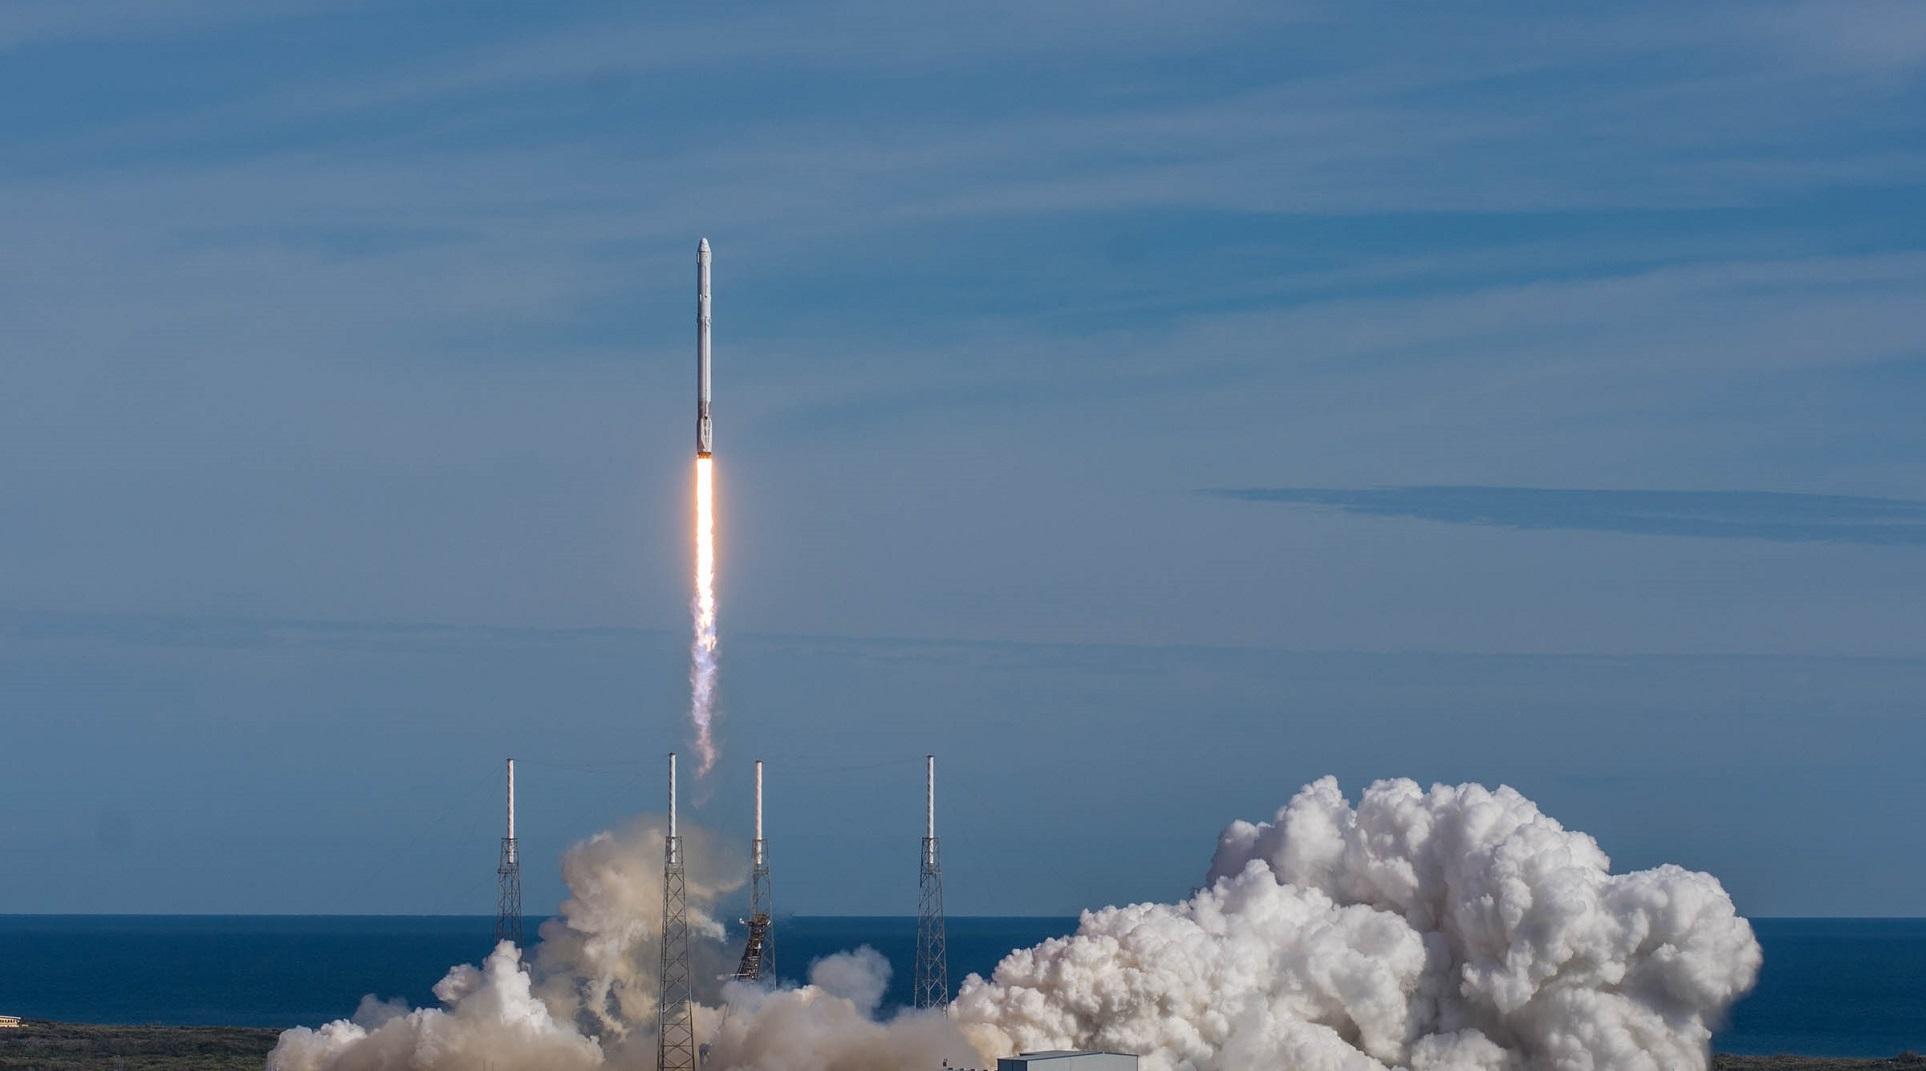 SpaceX da inicio a Starlink con el lanzamiento de 60 satélites